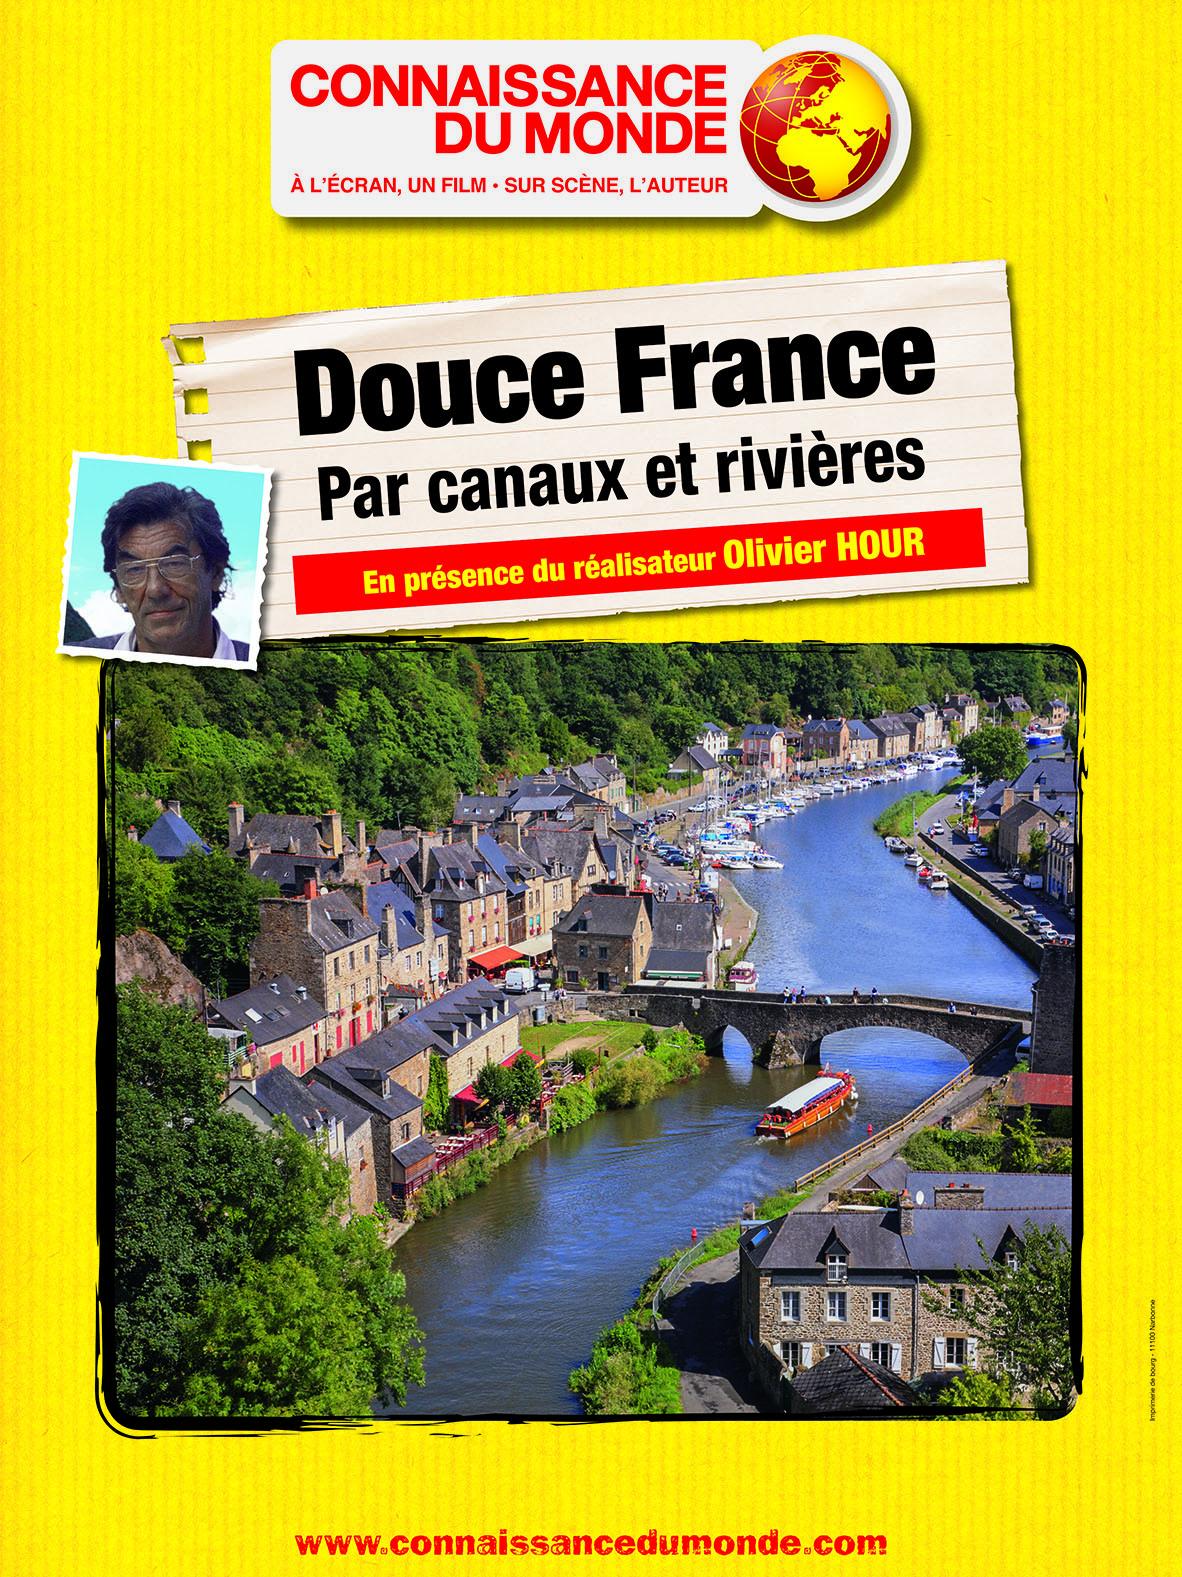 Douce France, par canaux et rivières